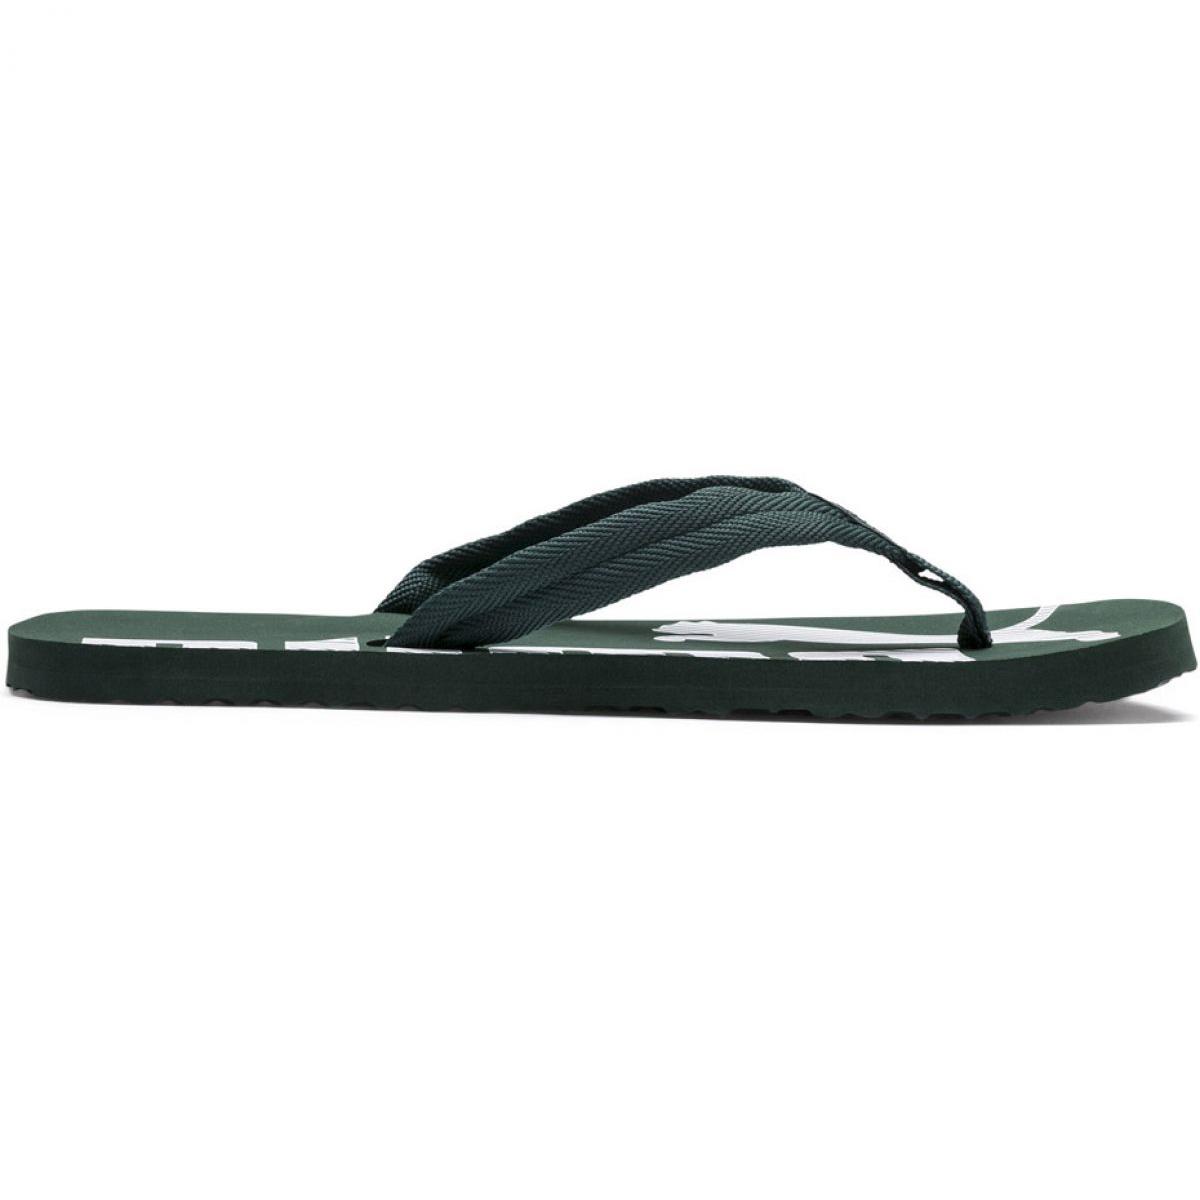 en soldes fcd02 9dc88 Green Slippers Puma Epic Flip v2 M 360248 27